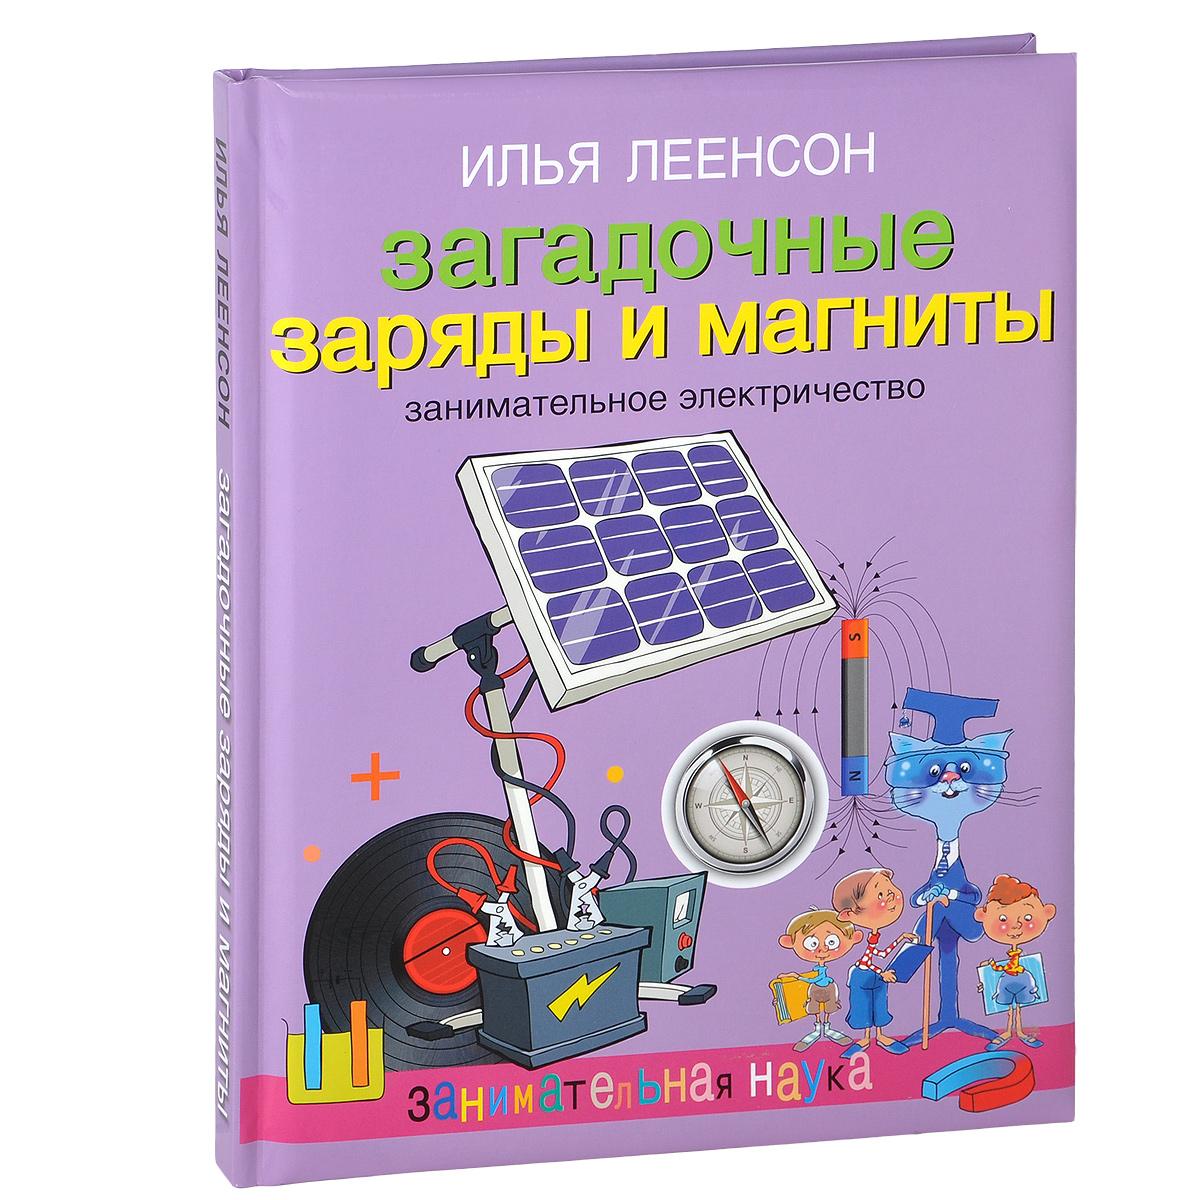 Илья Леенсон Загадочные заряды и магниты. Занимательное электричество